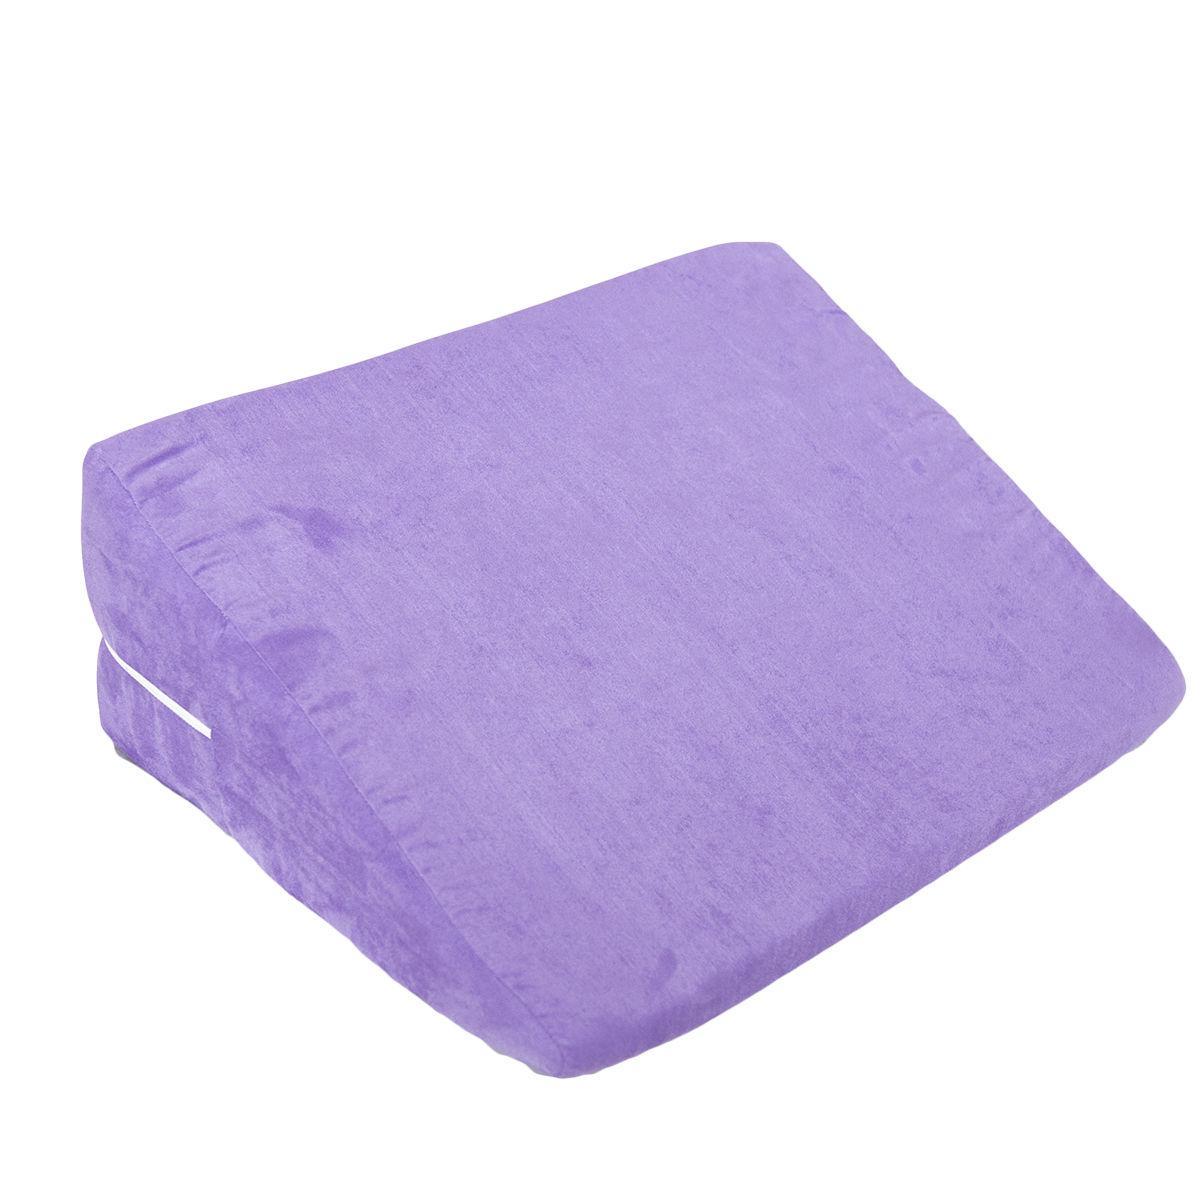 Casal Jogo Wedge Microfibra Almofada De Espuma De Sexo Travesseiro Posição Rampa Auxiliar P AU65